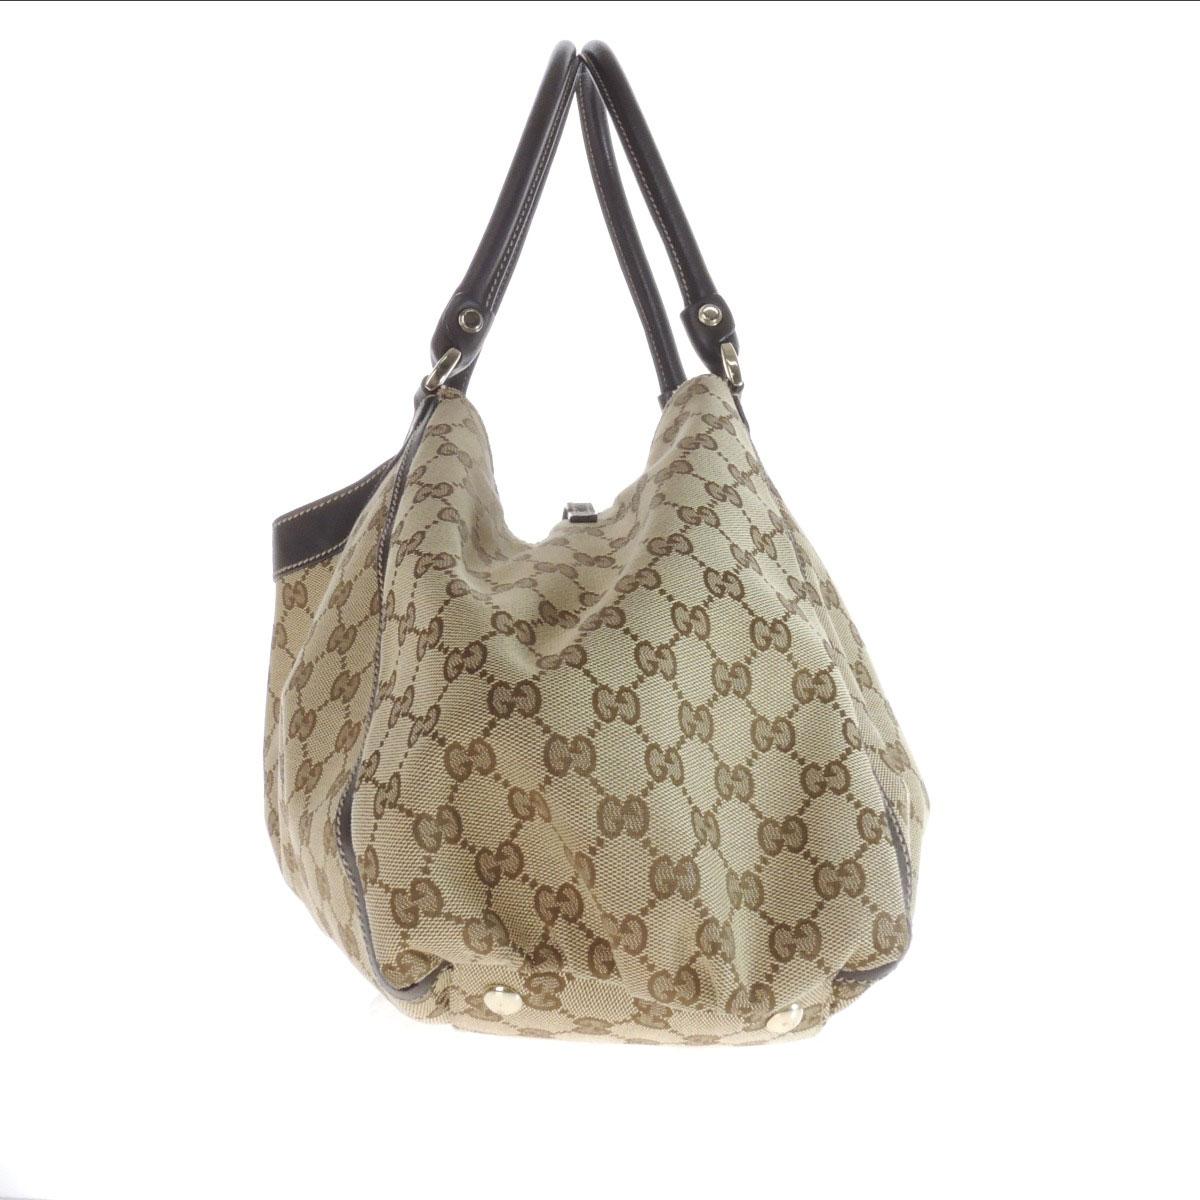 GUCCI GG 189835 506631 手袋帆布女性